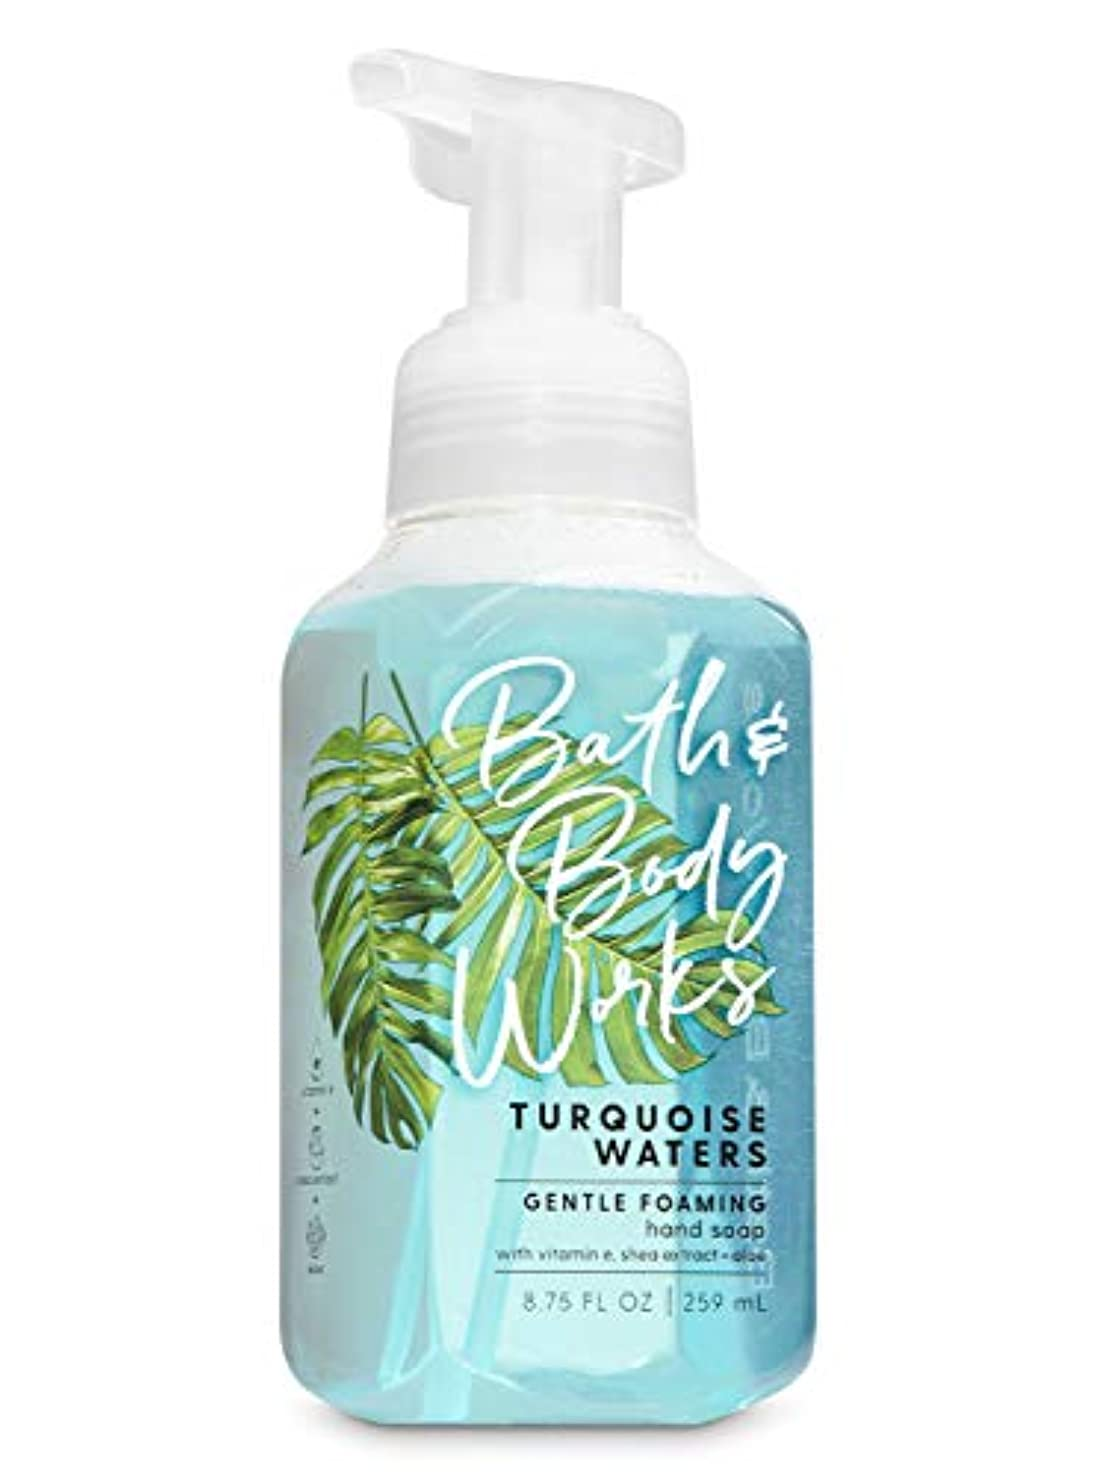 バス&ボディワークス ターコイズウォーター ジェントル フォーミング ハンドソープ Turquoise Waters Gentle Foaming Hand Soap